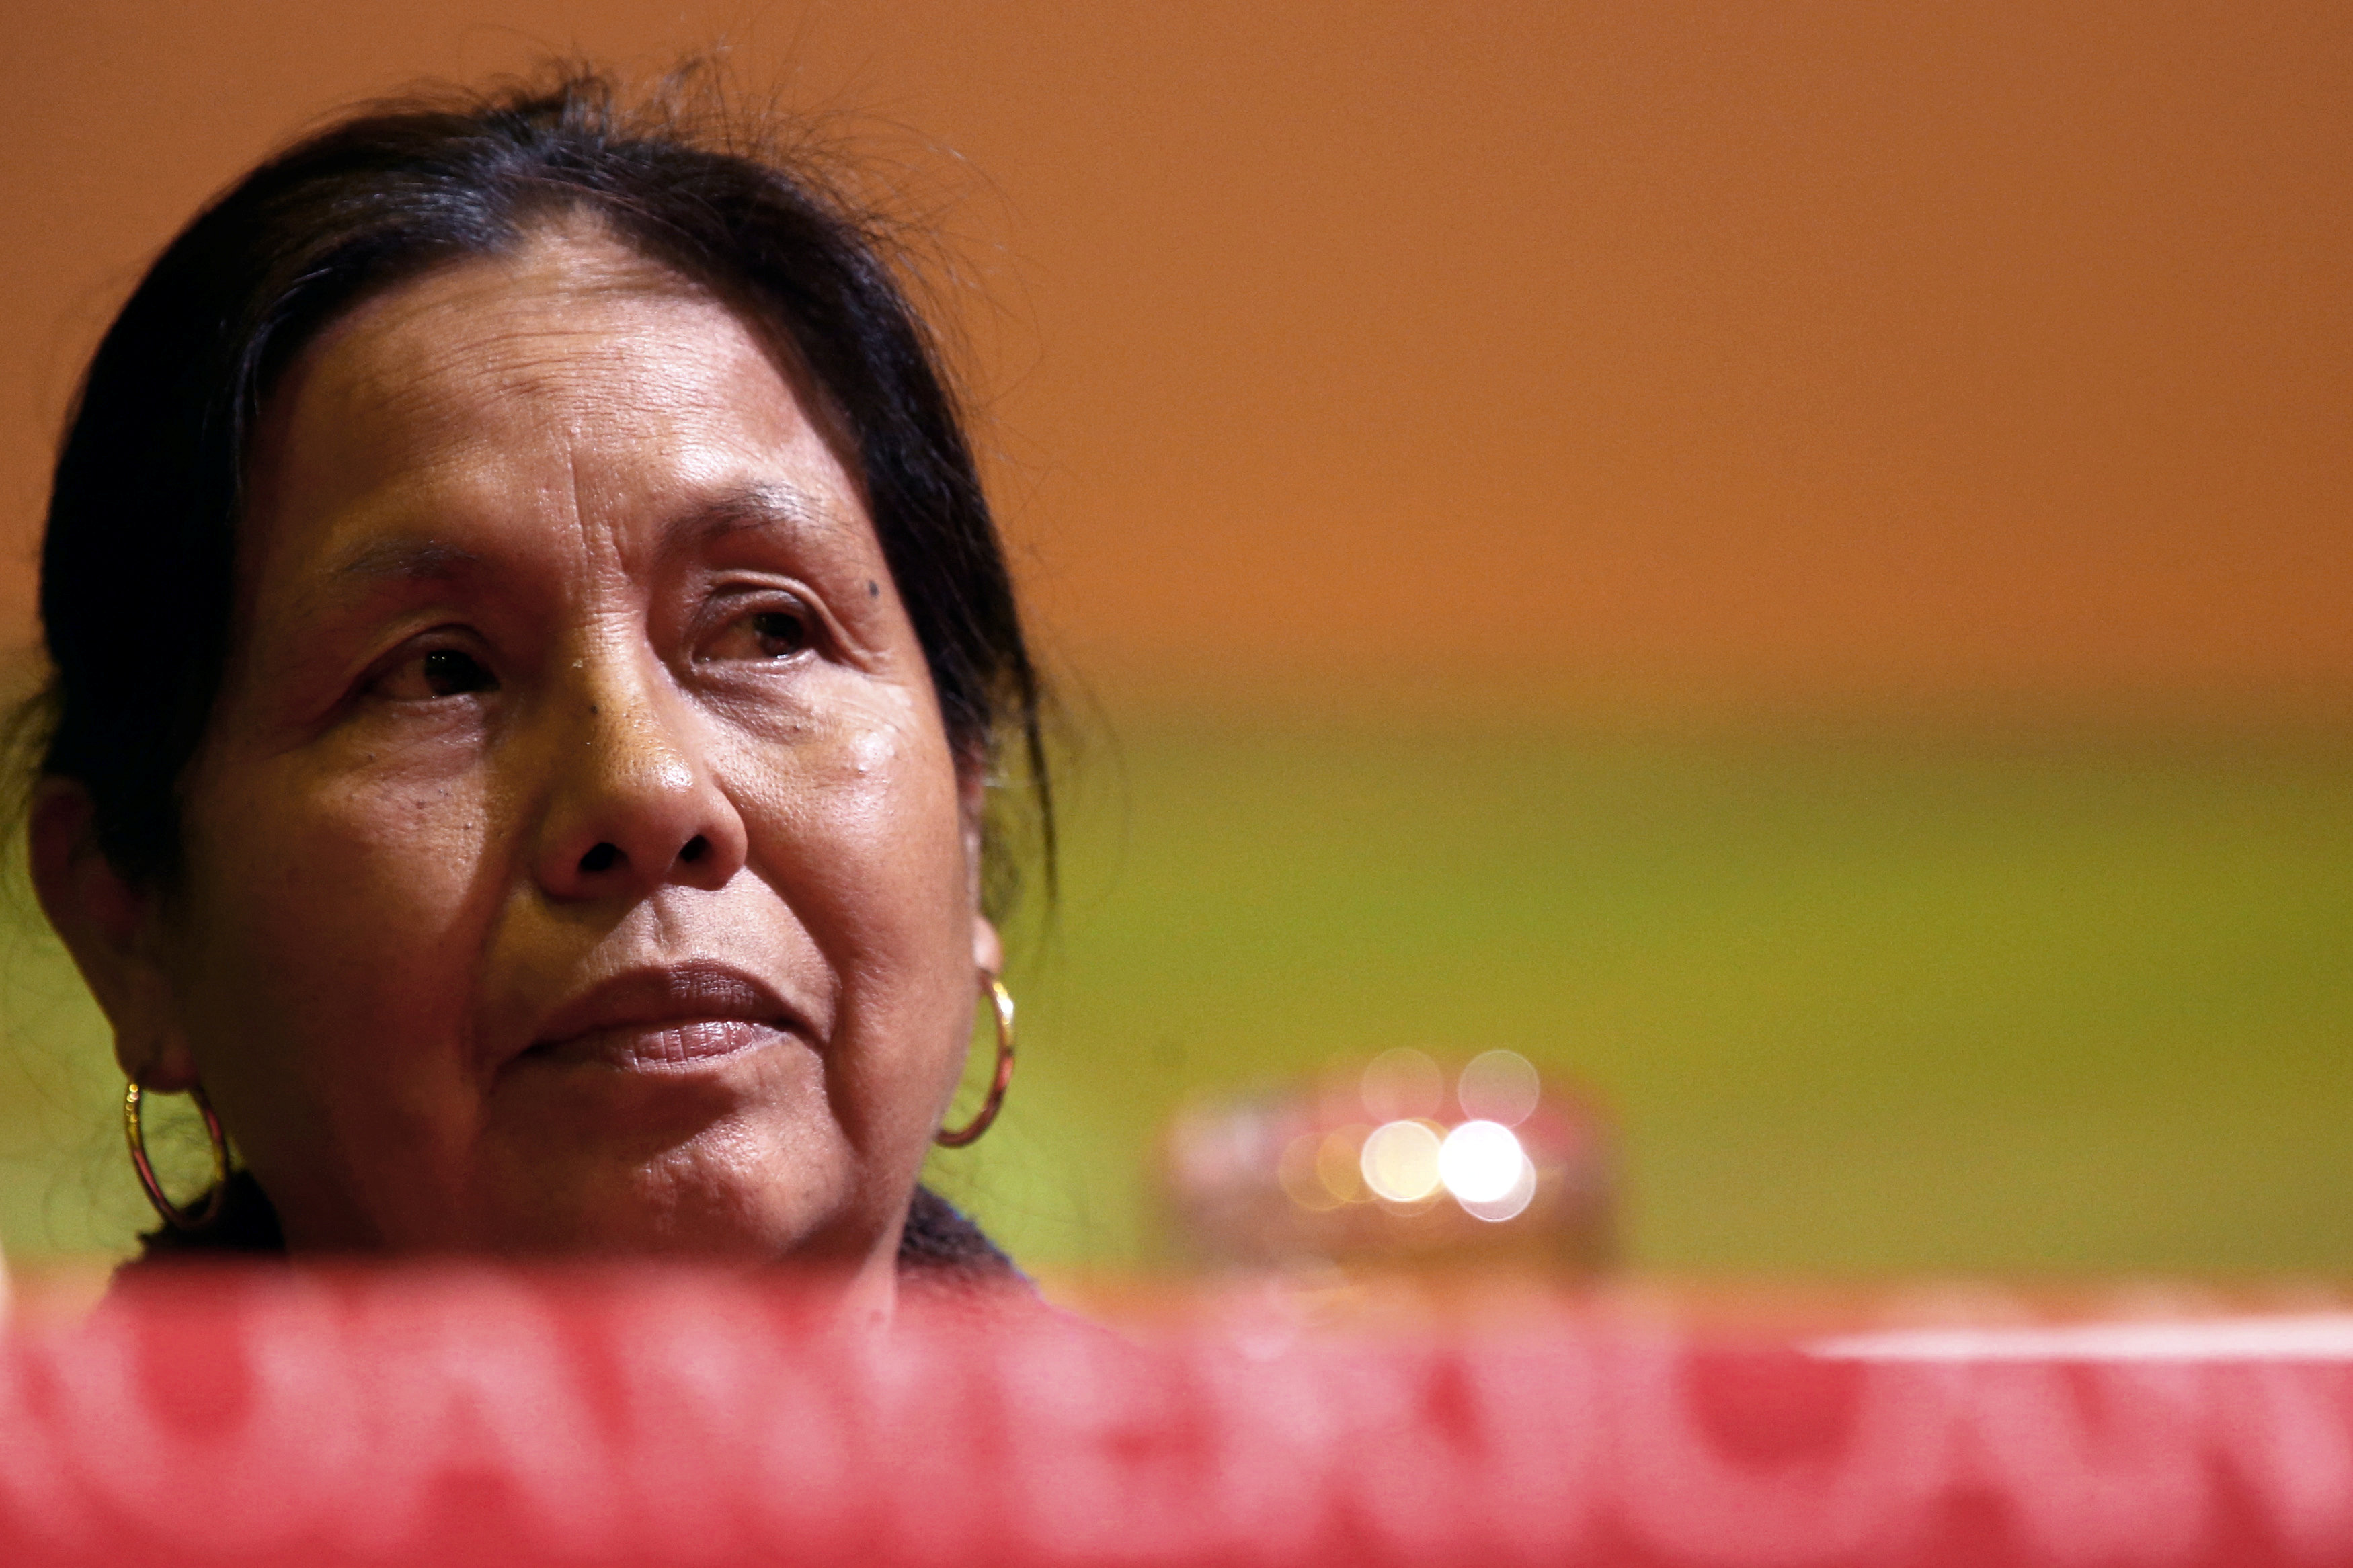 La candidata indígena Maria de Jesus Patricio, 'Marichuy' durante un encuentro con estudiantes en Ciudad de México(REUTERS/Edgard Garrido)